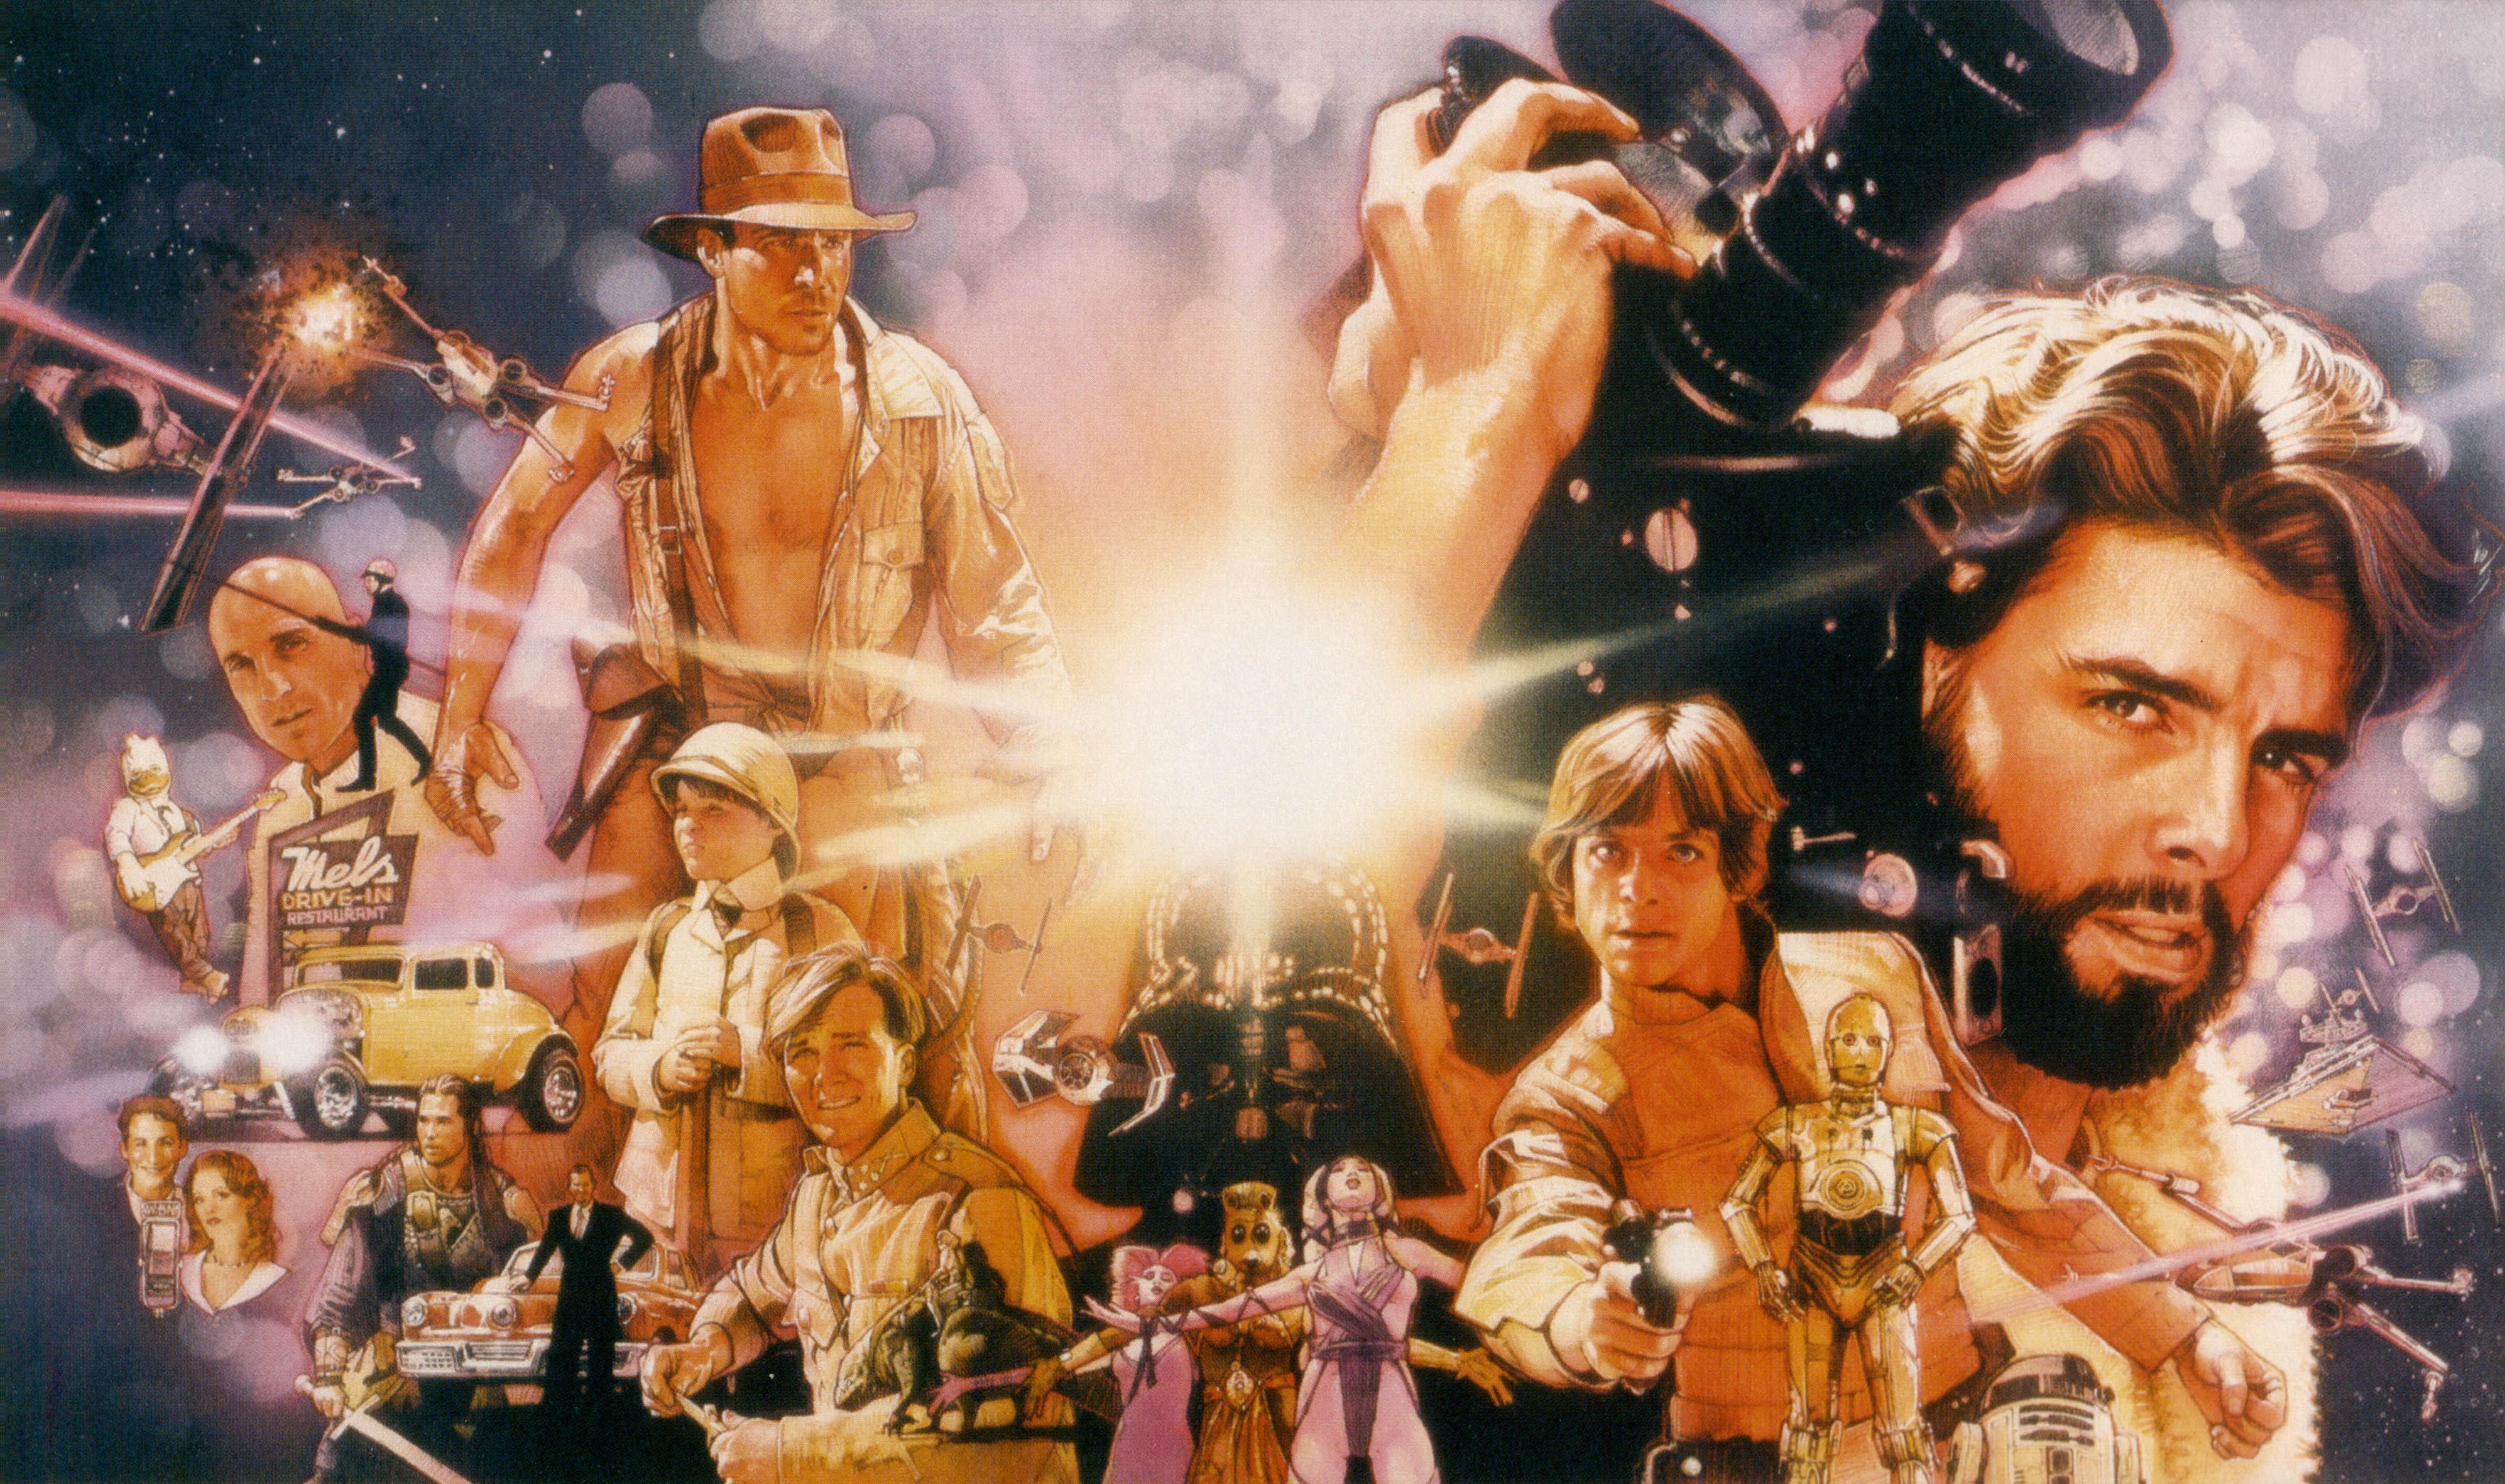 Star Wars THX 1138 Indiana Jones Darth Vader Luke Skywalker